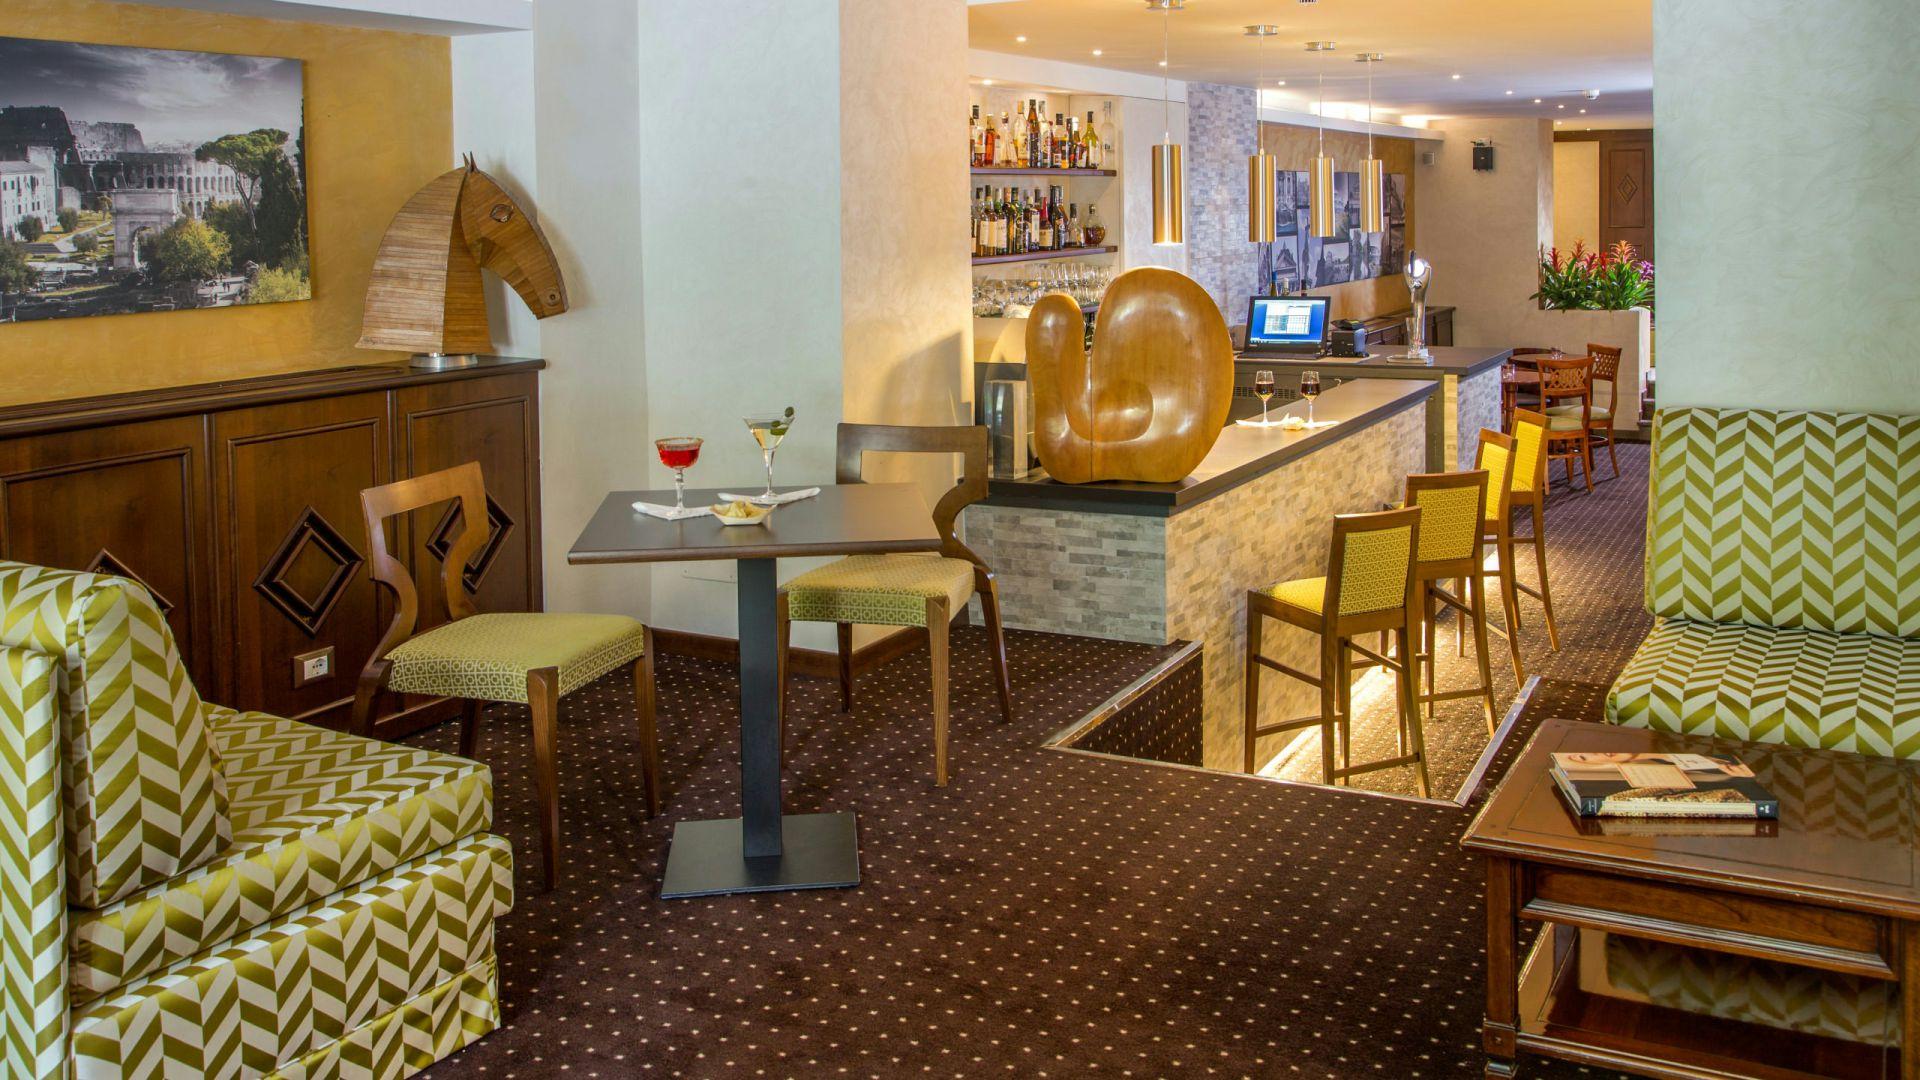 Foto-Galerie-Hotel-Oxford-Rom-bar-2